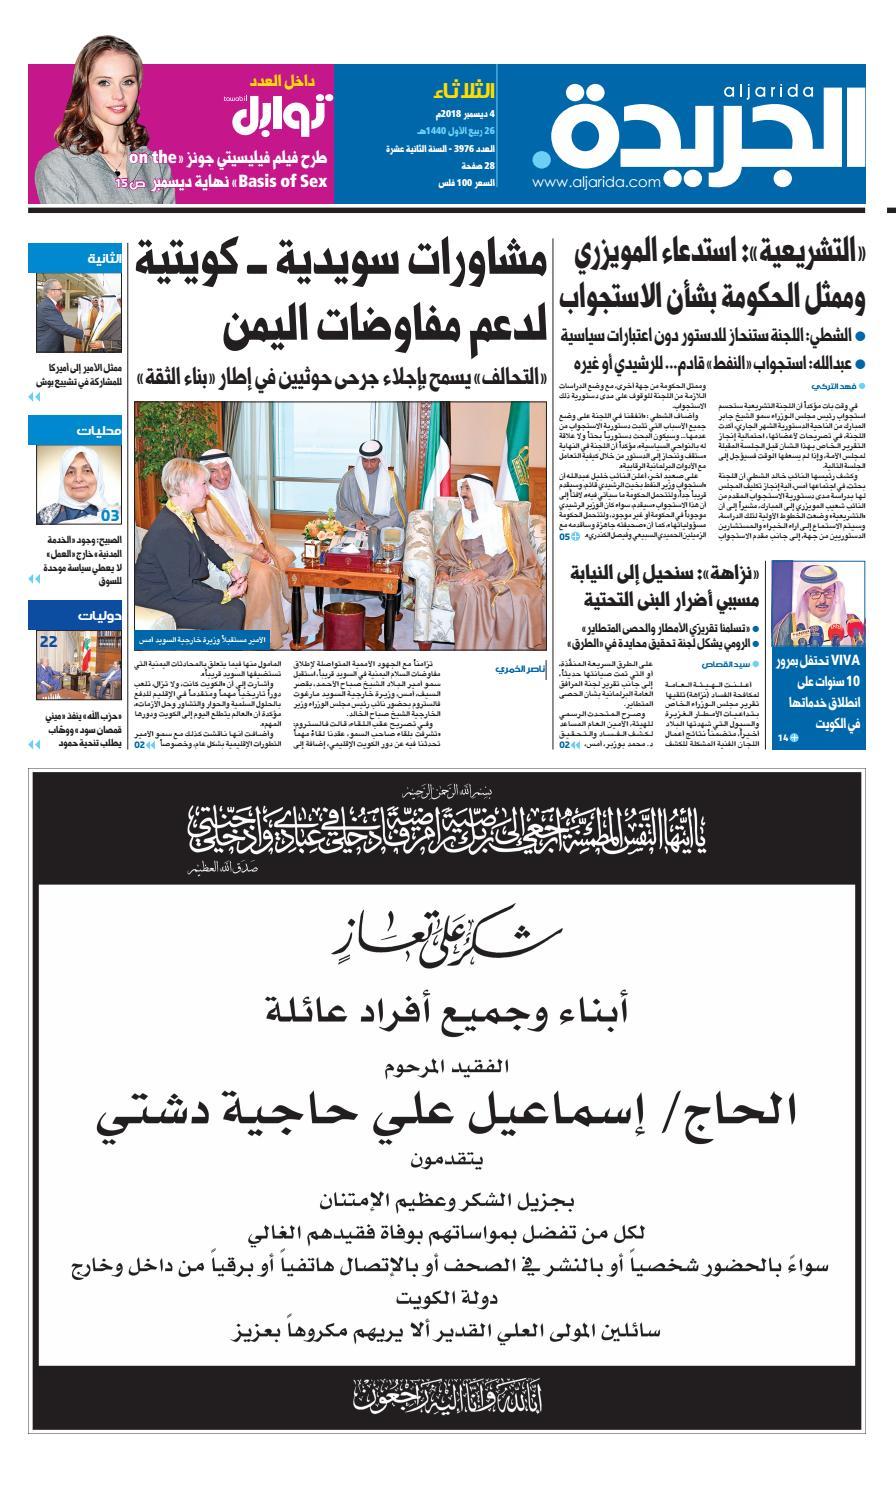 79f8b4016 عدد الجريدة الثلاثاء 4 ديسمبر 2018 by Aljarida Newspaper - issuu